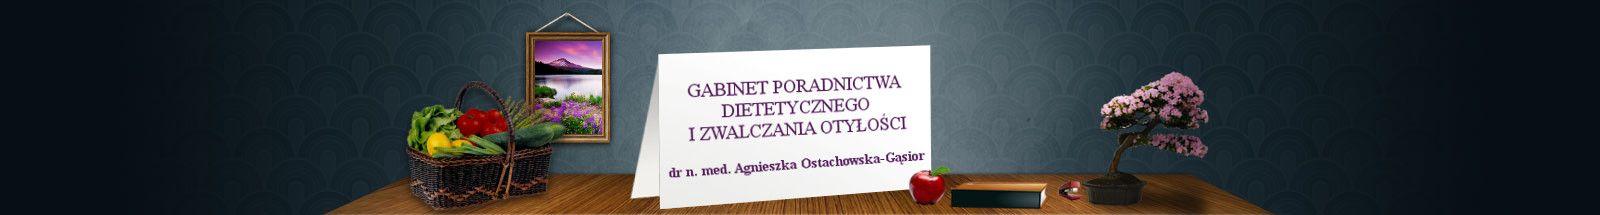 Gabinet Poradnictwa Dietetycznego  i Zwalczania Otyłości